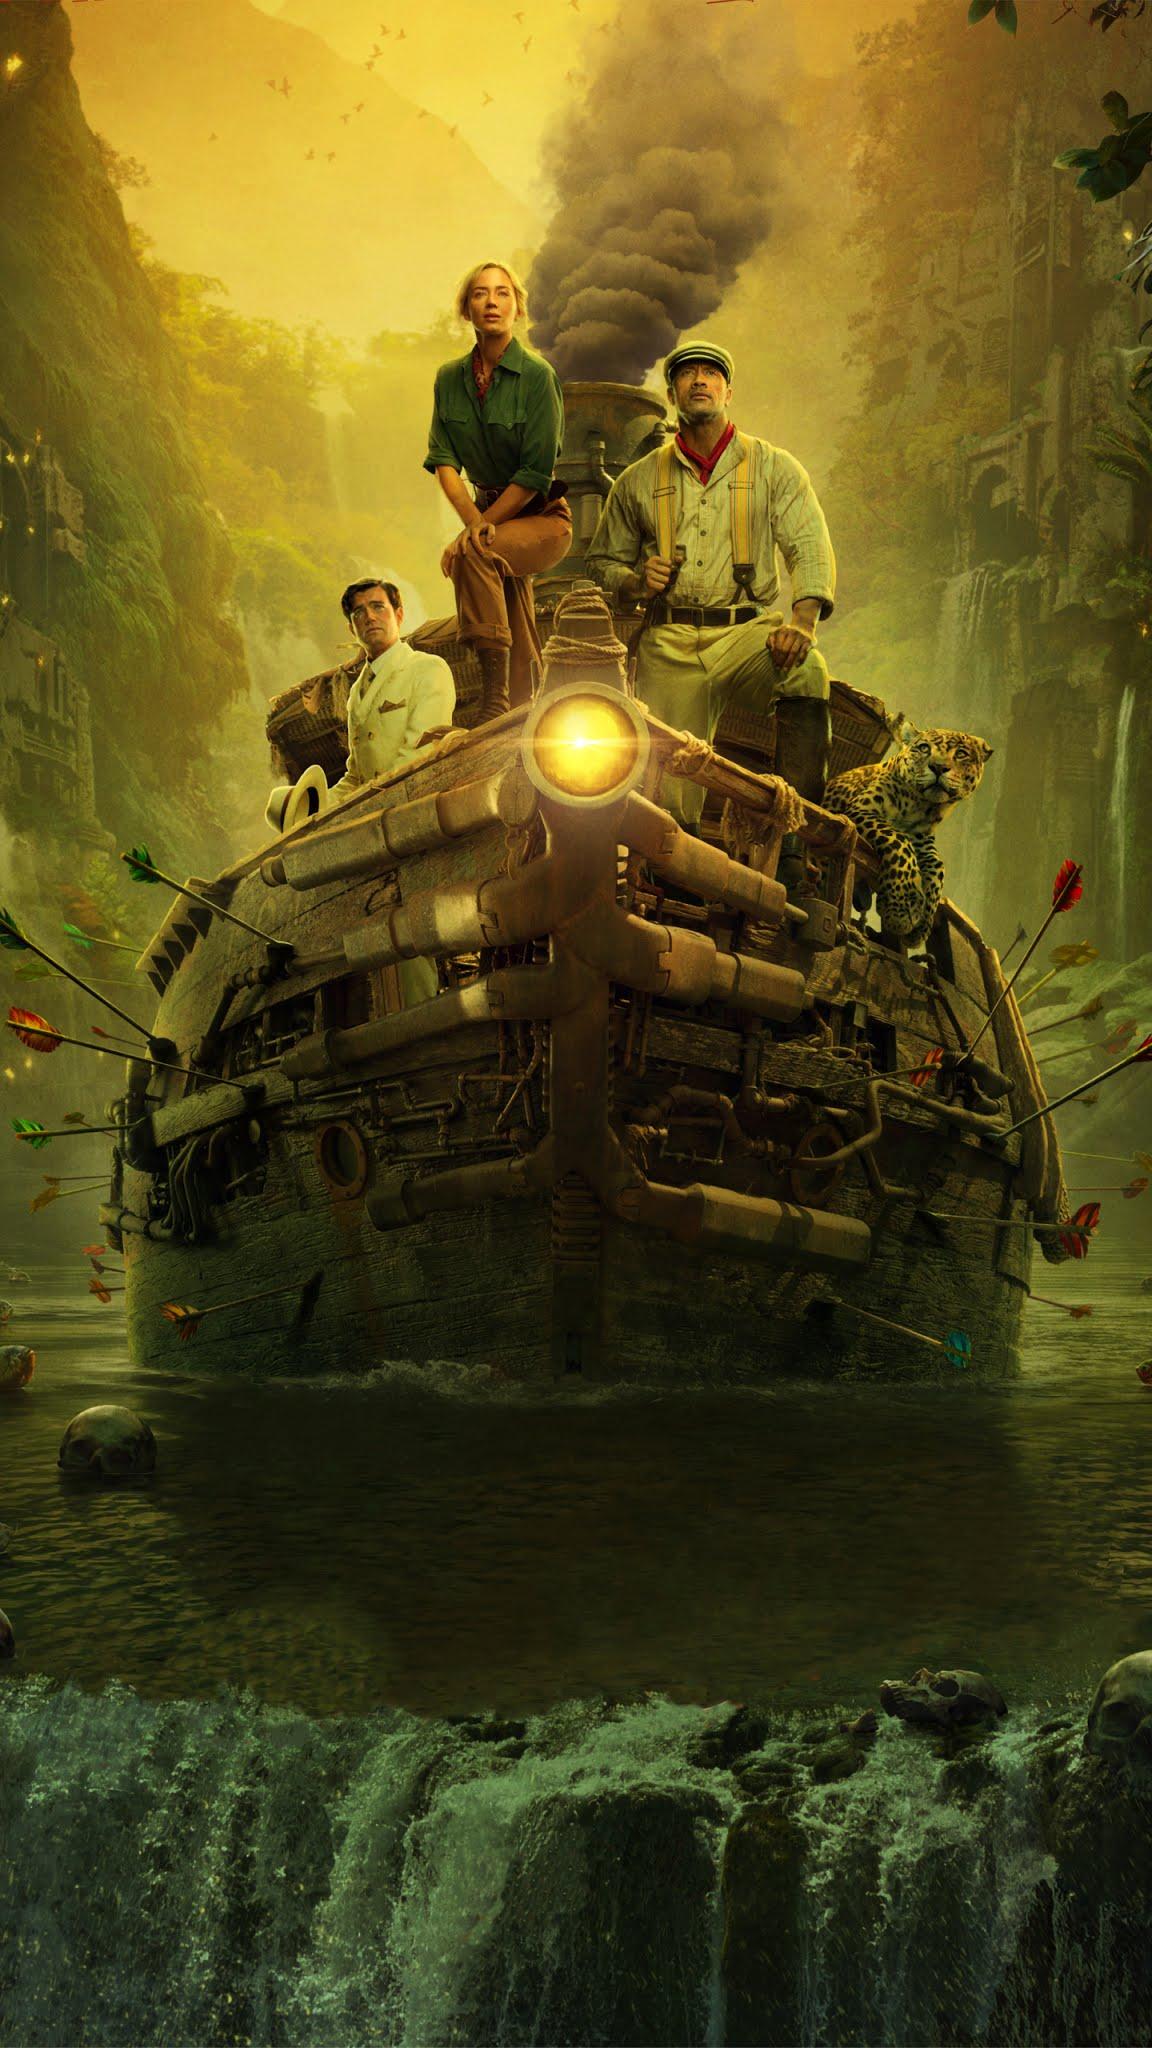 Jungle Cruise 2020 mobile wallpaper